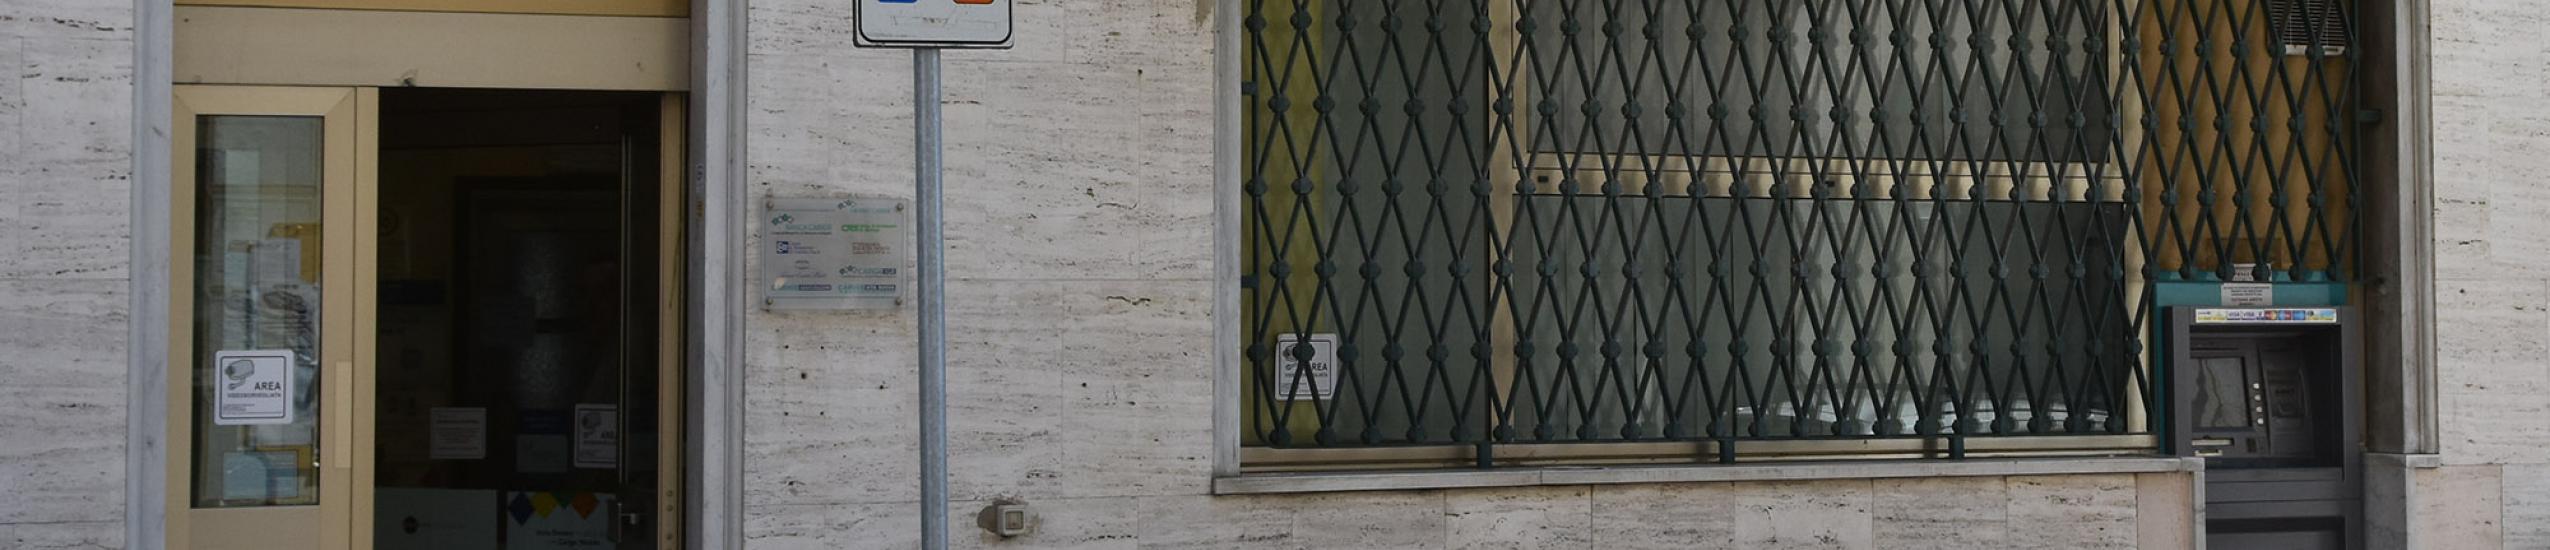 Carige cassa di risparmio di Genova